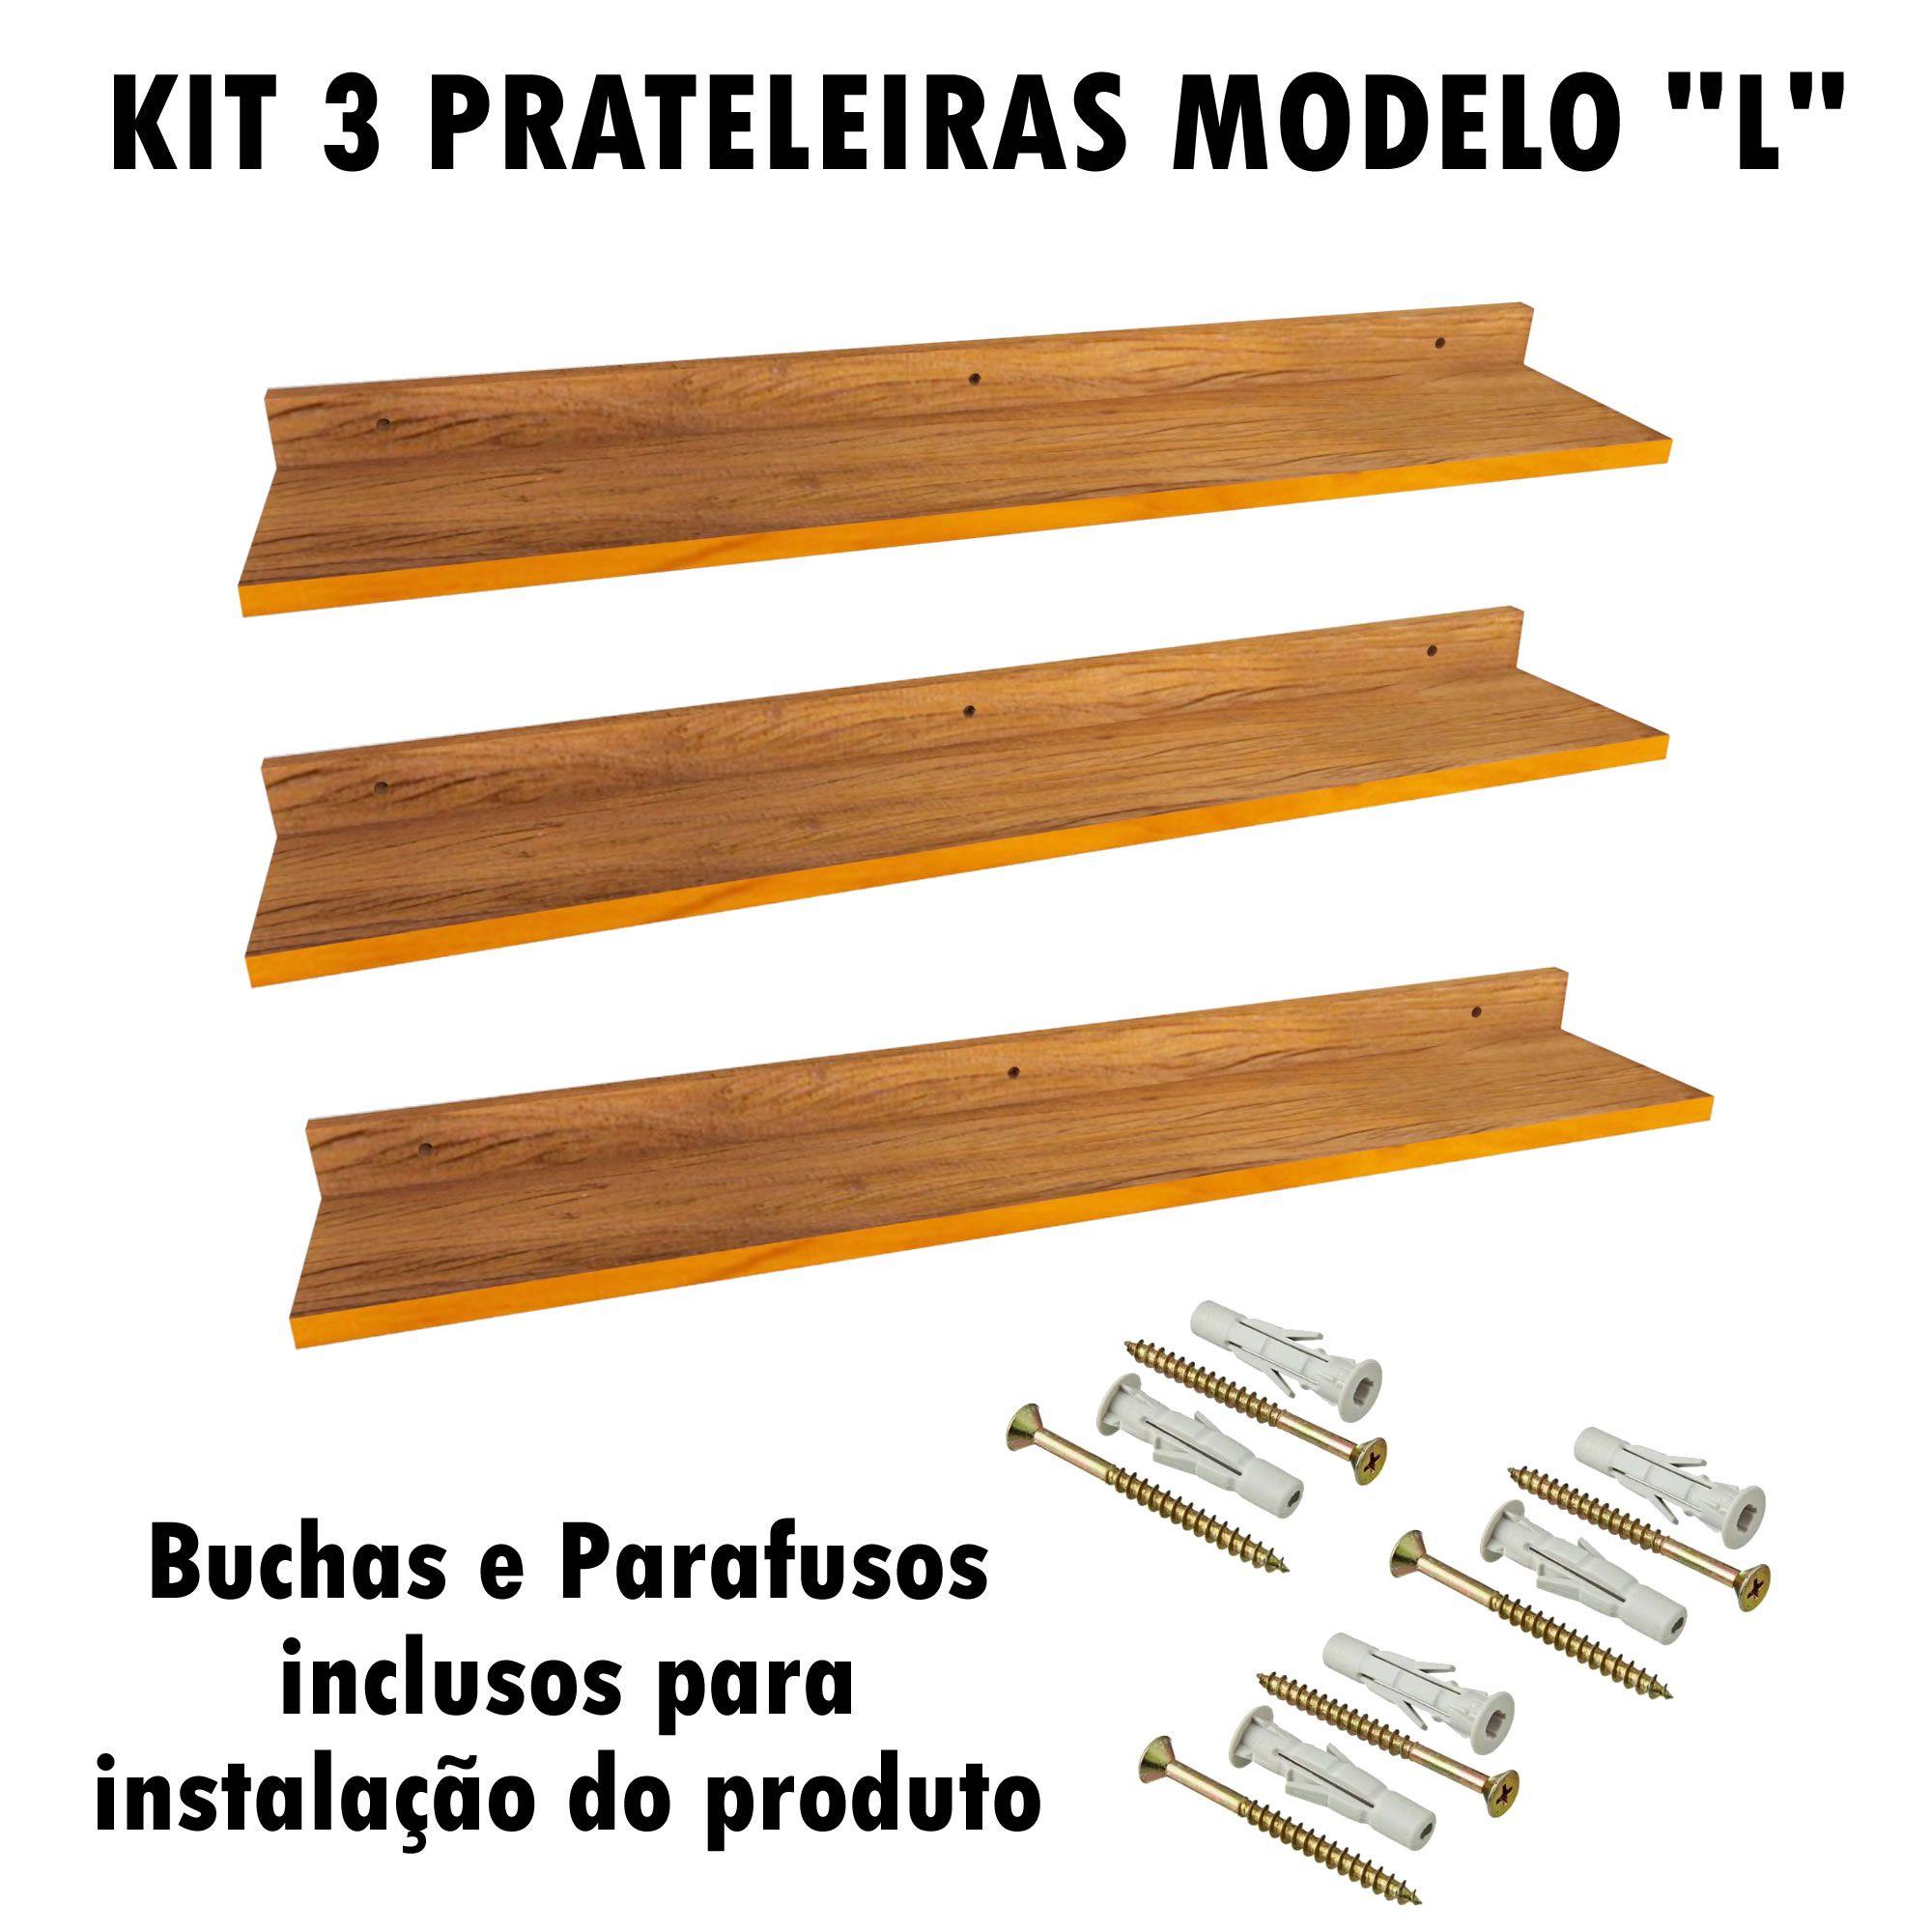 Kit 3 Prateleira Modelo L Madeira De Demolição Livros Fácil Instalação 90x15x5